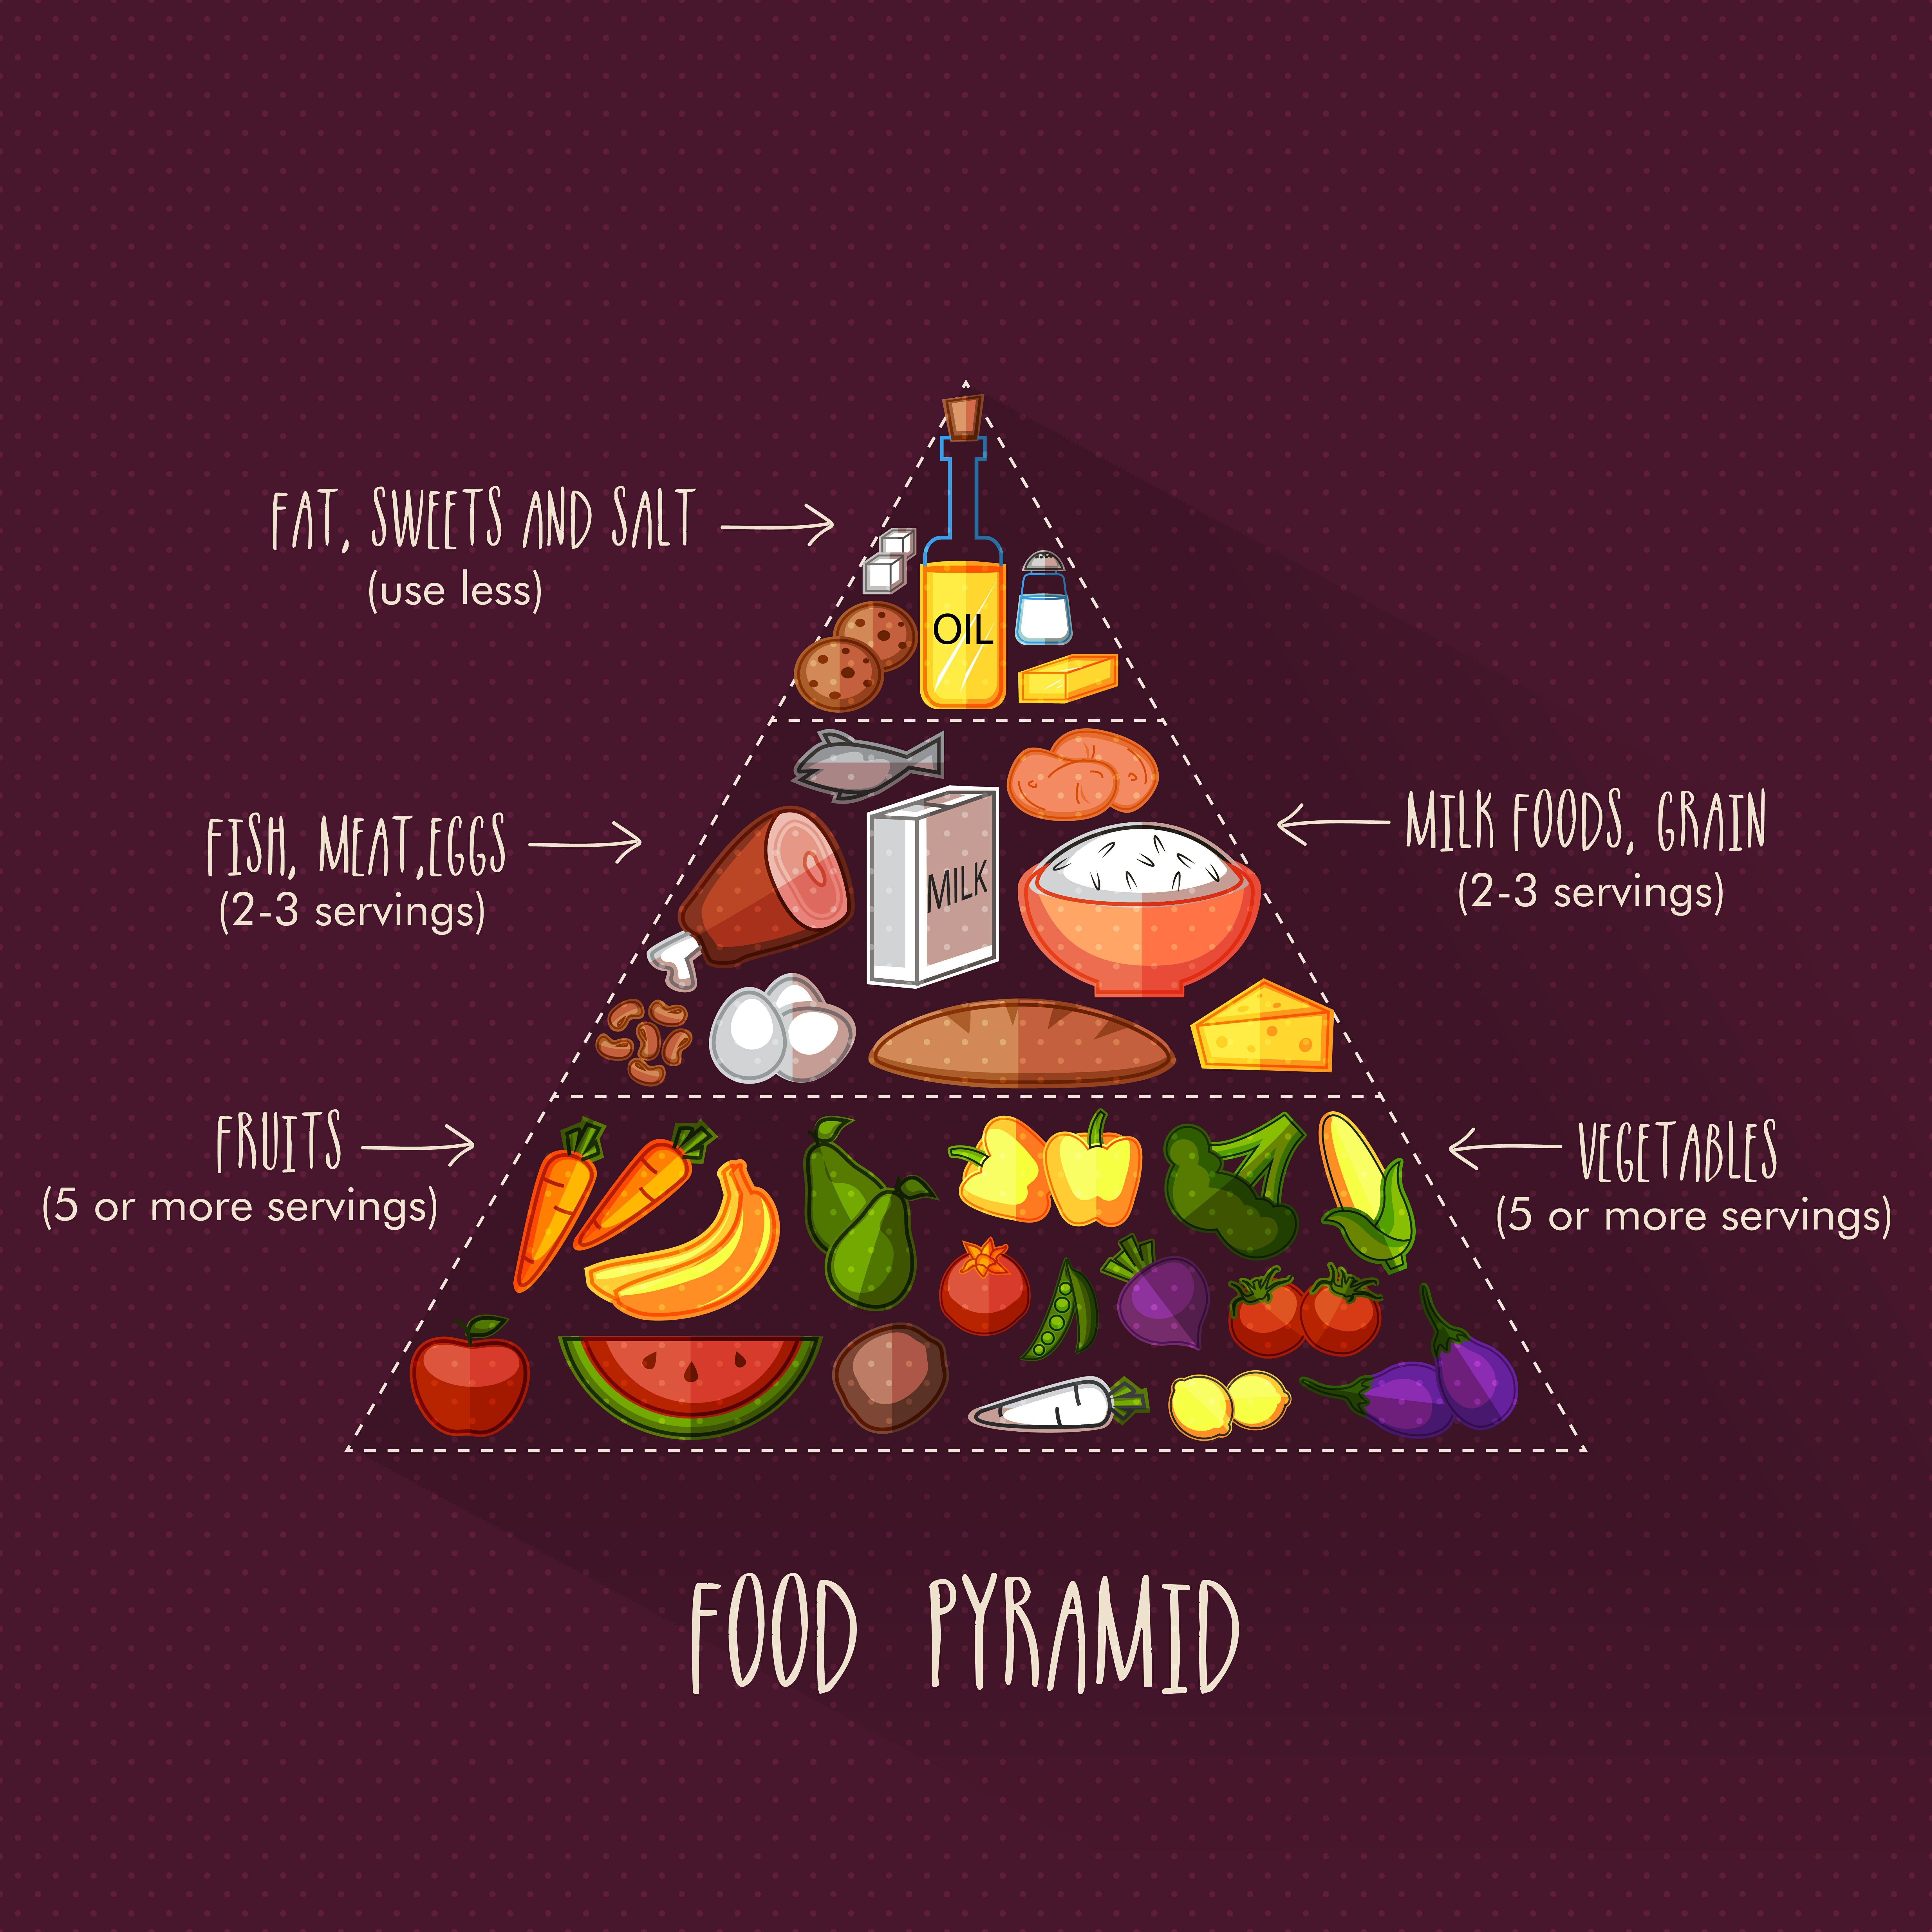 Photo of Quello che c'è da sapere su dieta mediterranea e piramide alimentare, per migliorare la qualità della vita